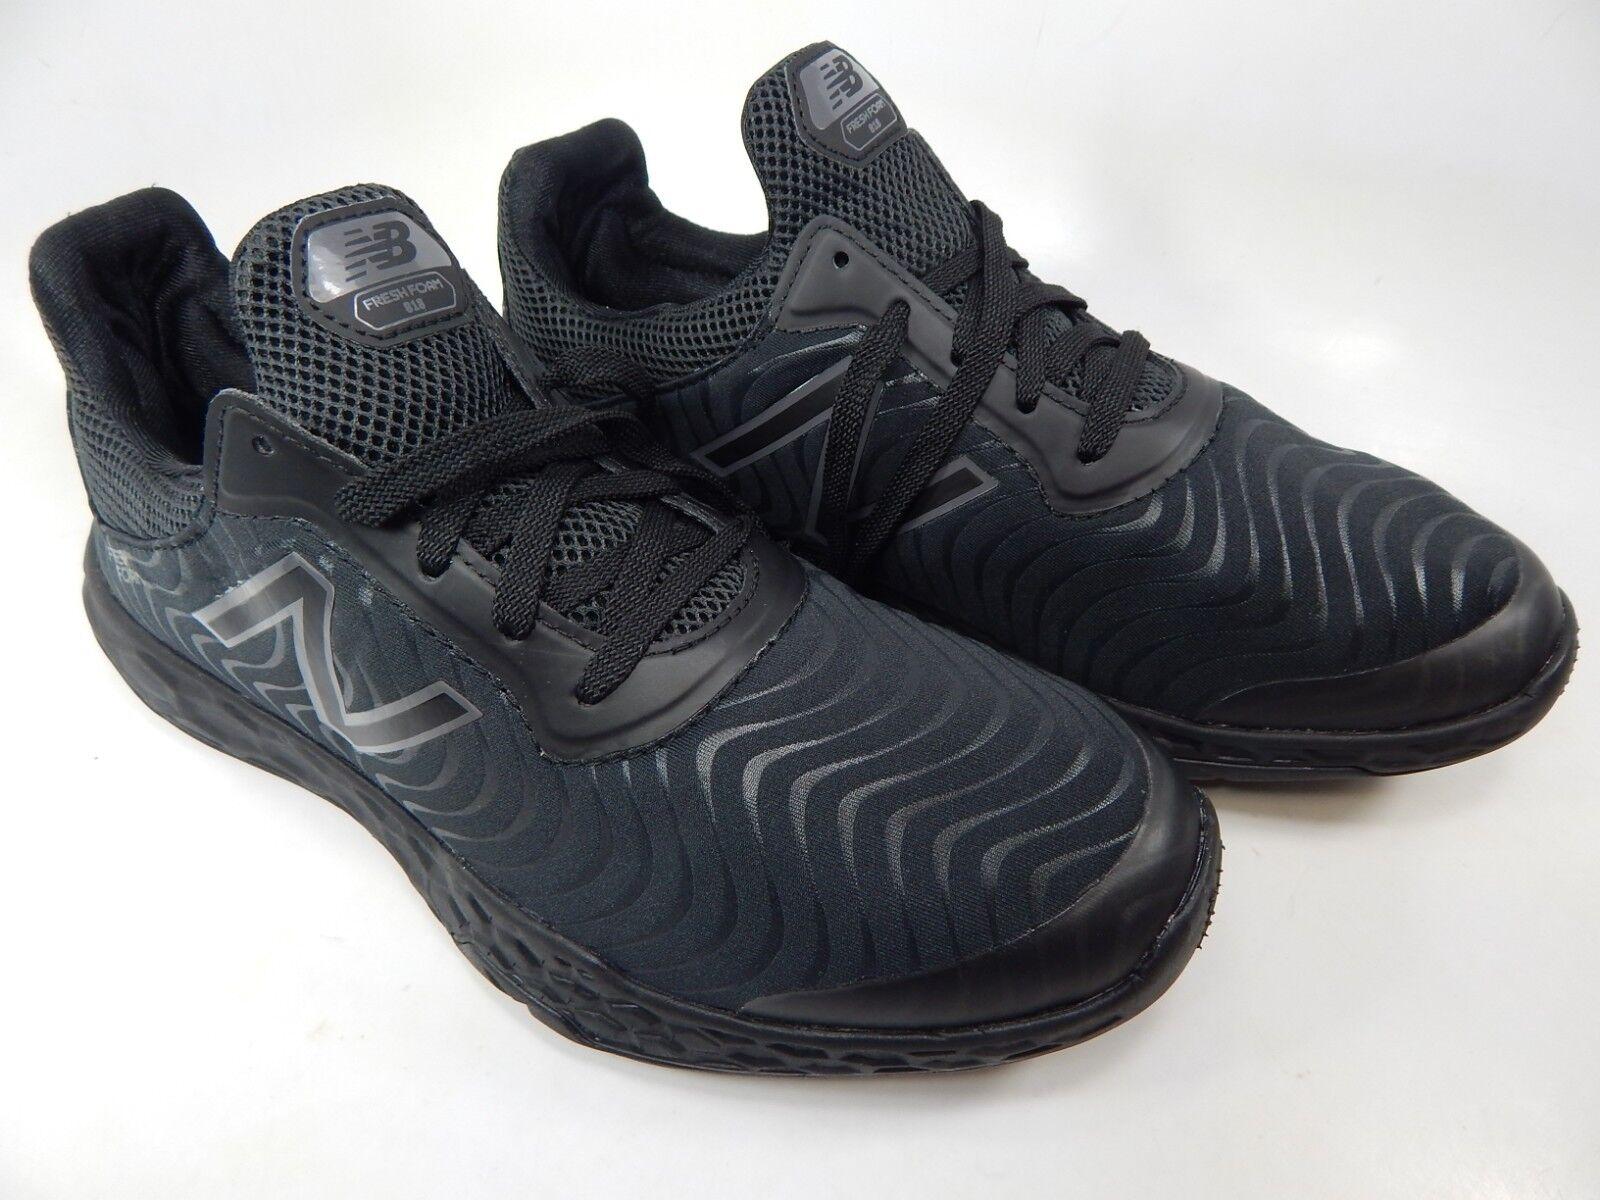 New 818 v3 Fresh Foam Talla para Balance 9 m (D) para Talla hombres Zapatos  de entrenamiento MX818BG3 558857